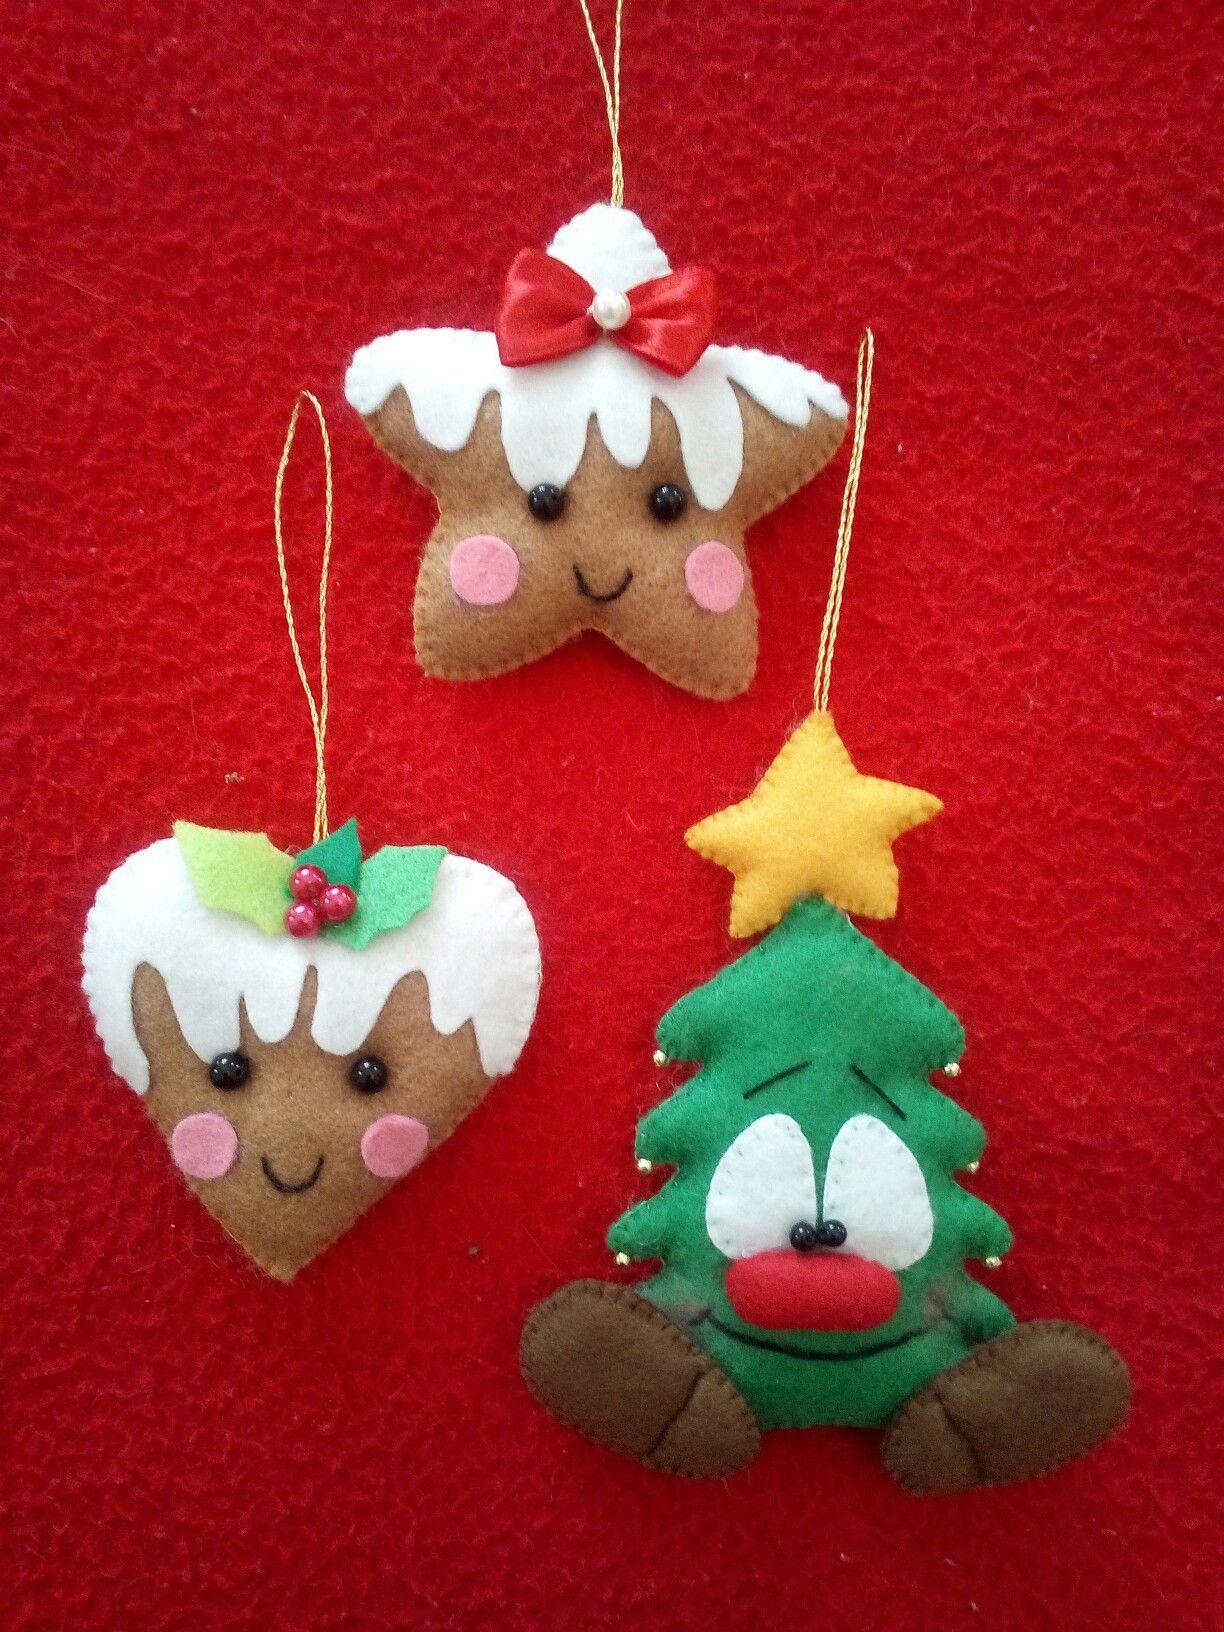 Pin by on pinterest felt ornaments felt christmas decorations christmas ornament crafts christmas ideas felt crafts felt art christmas tree ornaments christmas time solutioingenieria Choice Image